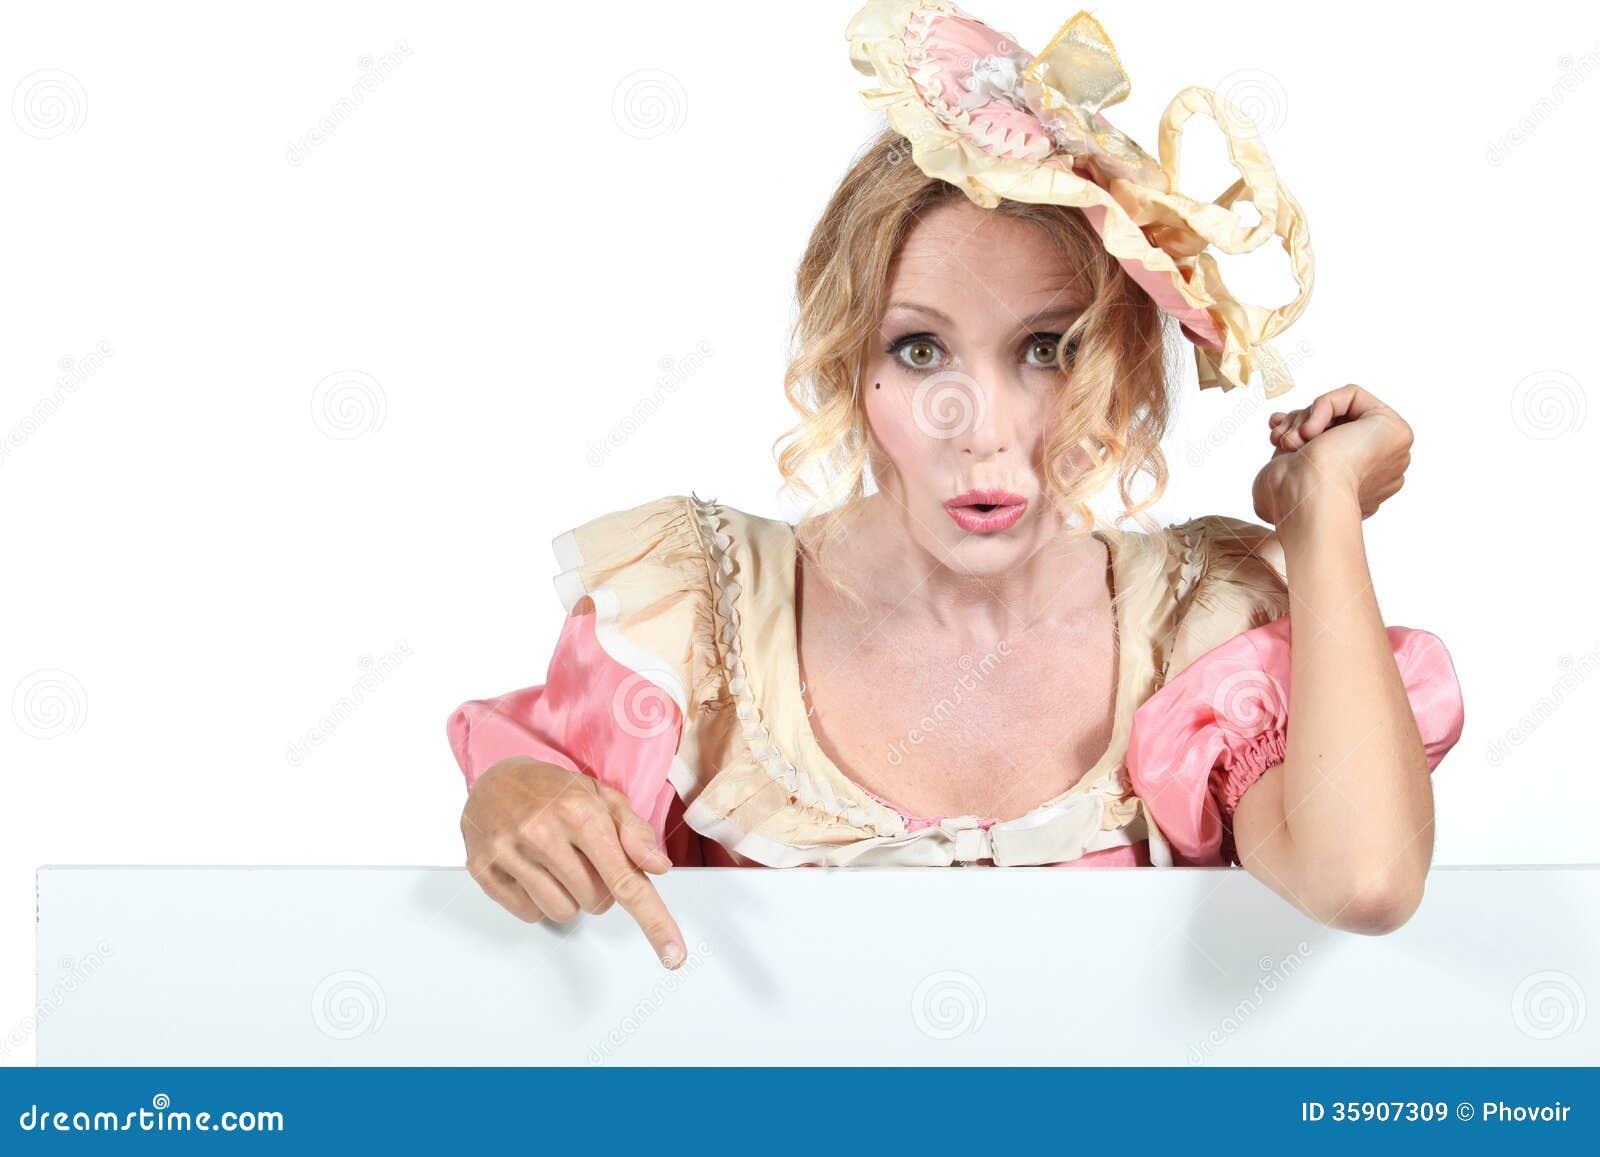 Frau In Altmodischer Kleidung Stockbild - Bild von phantasie, stehen ...